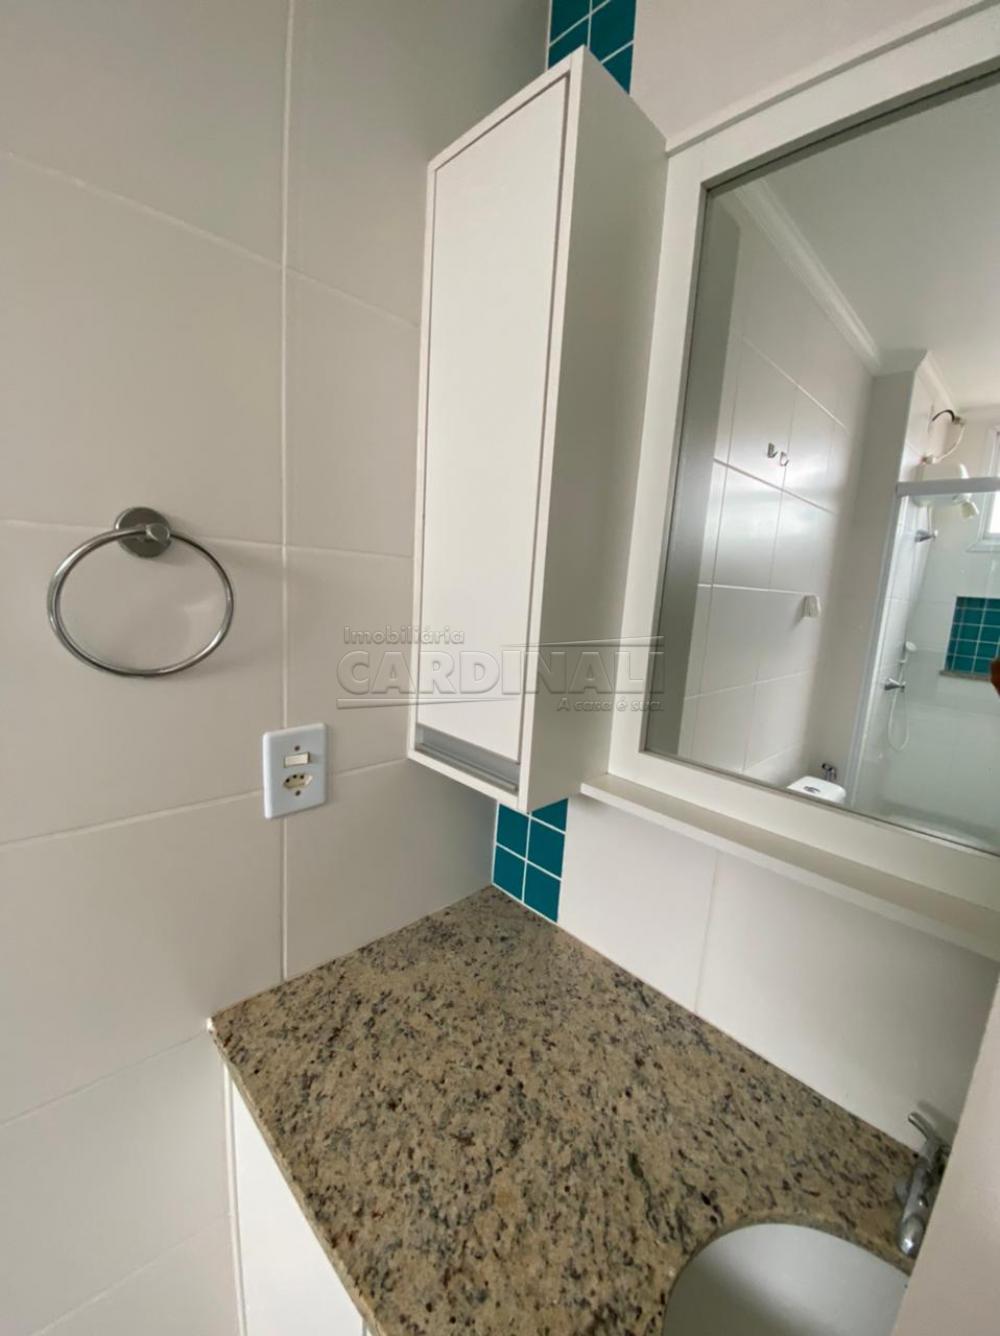 Alugar Apartamento / Padrão em São Carlos R$ 1.700,00 - Foto 6